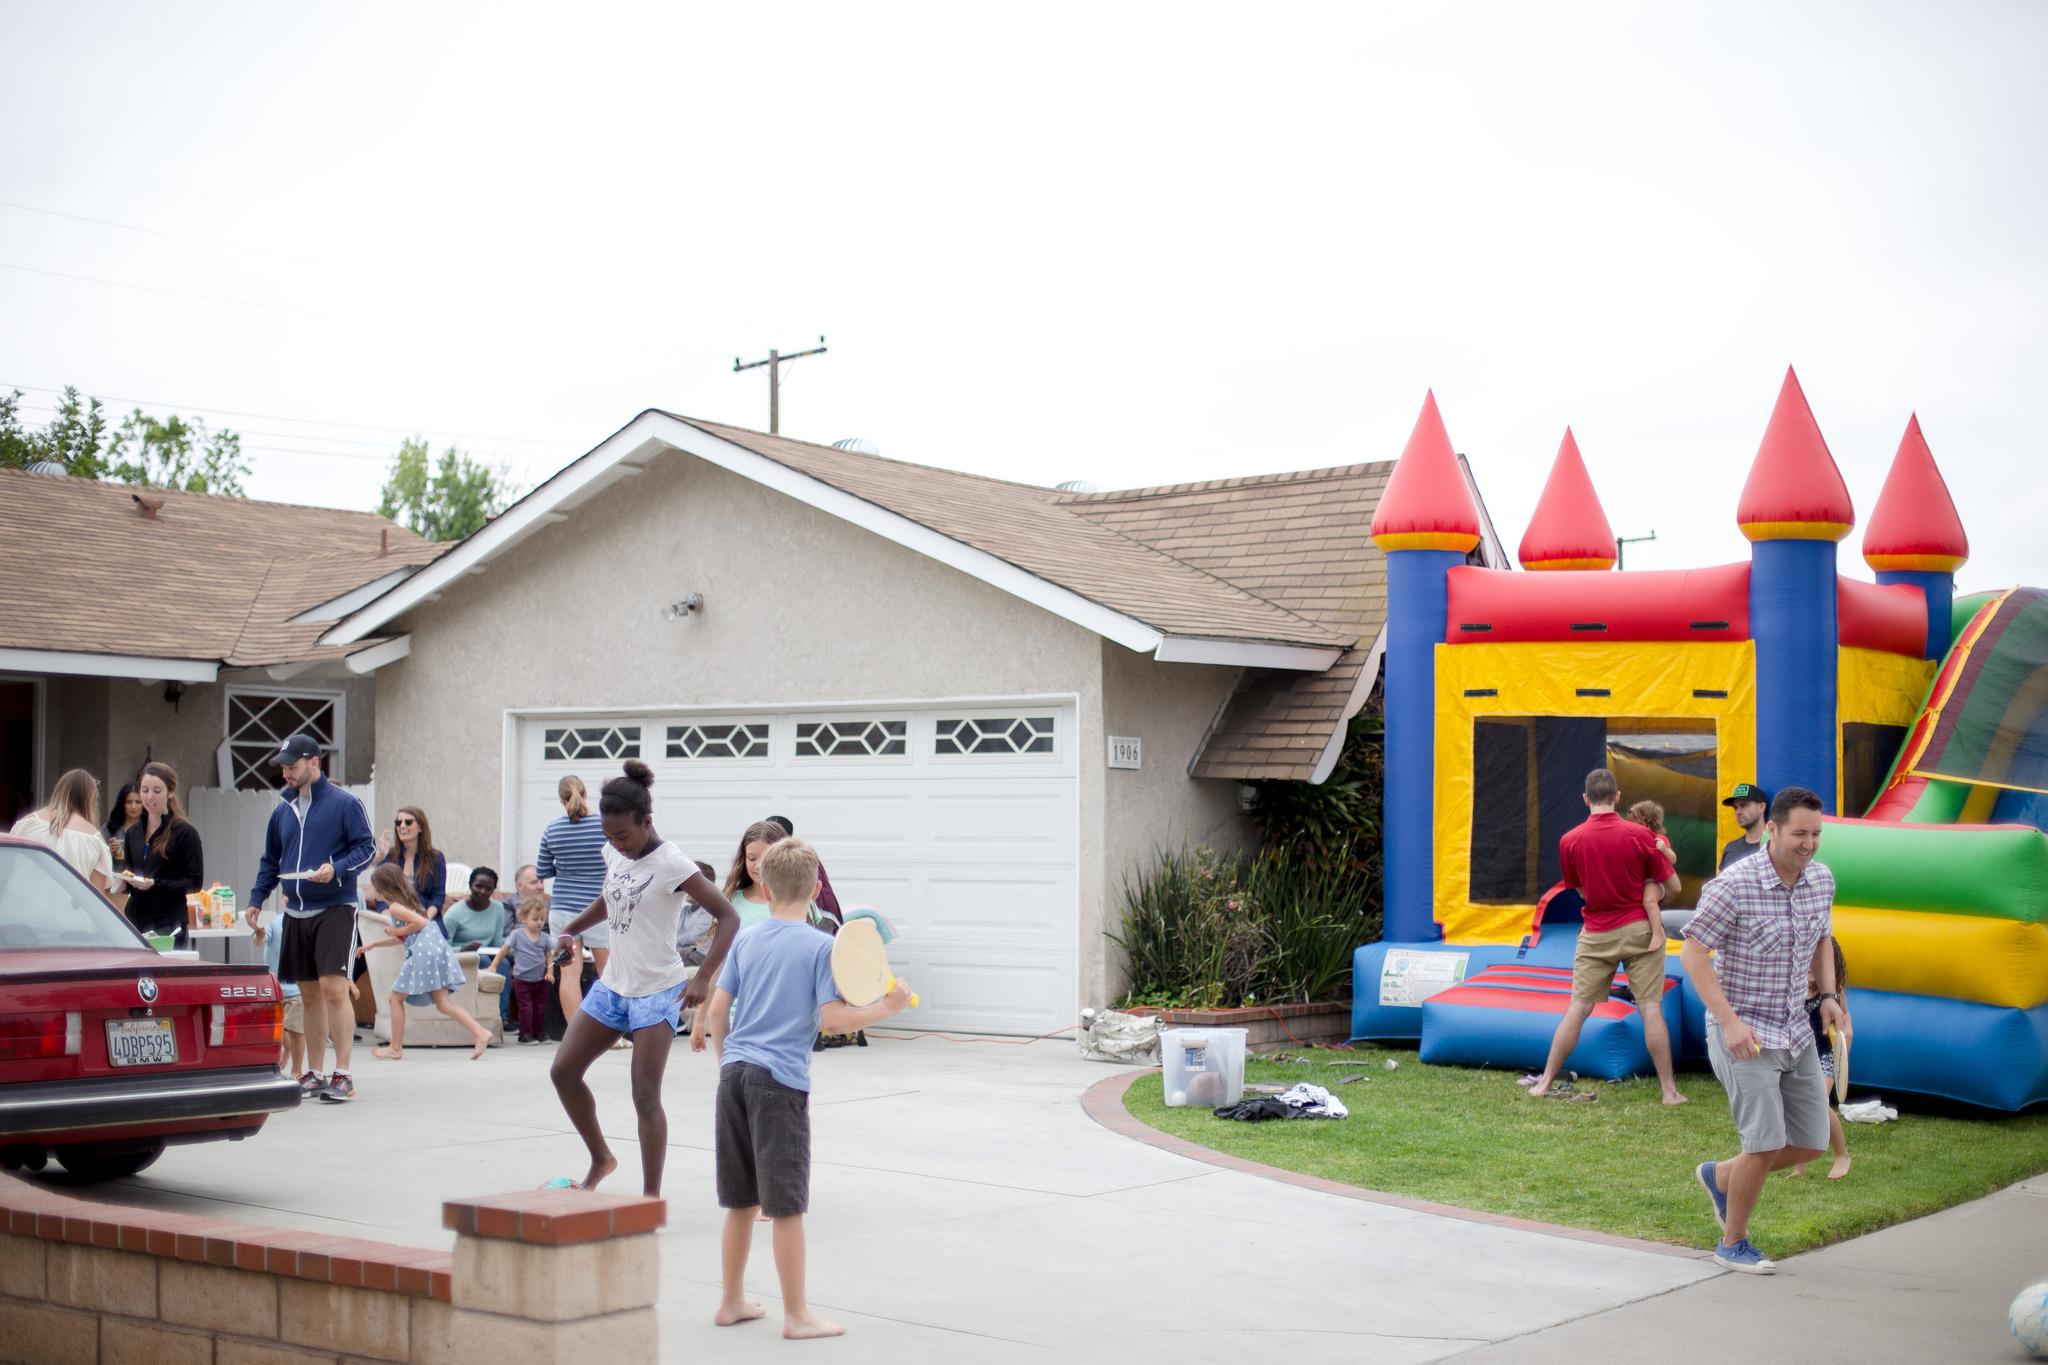 Bounce houses are always a good idea.